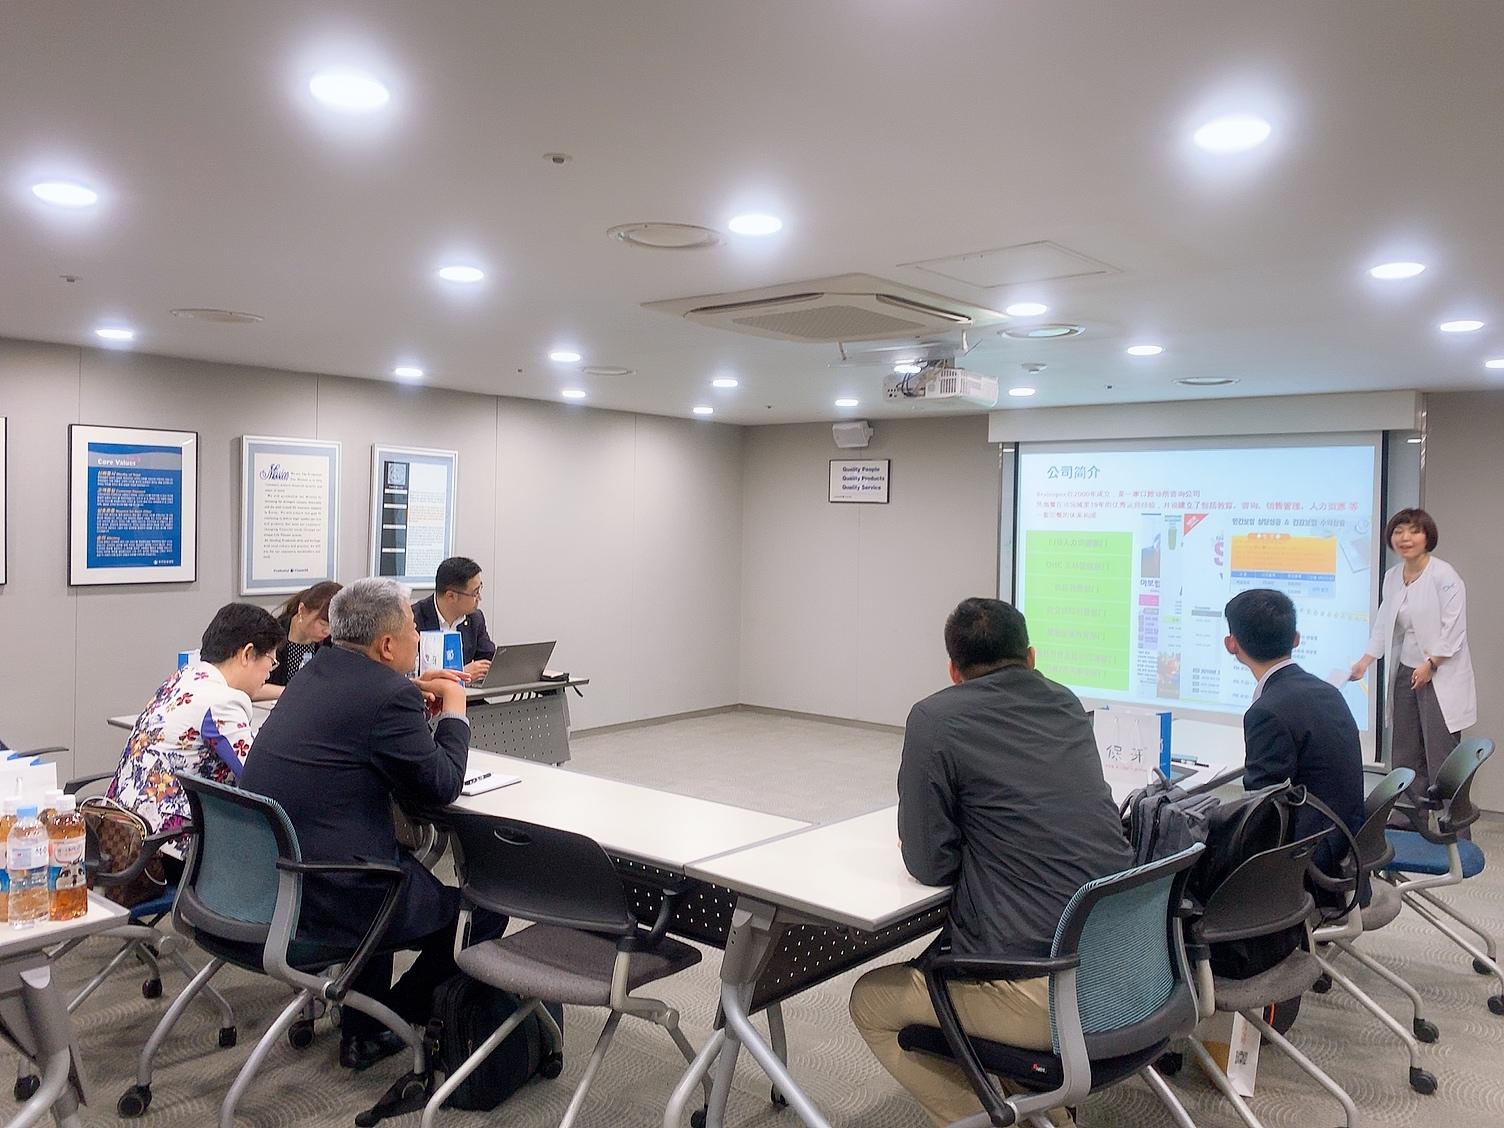 2019-4-24 중국 바이보참관단 사보험 강의 7.jpg